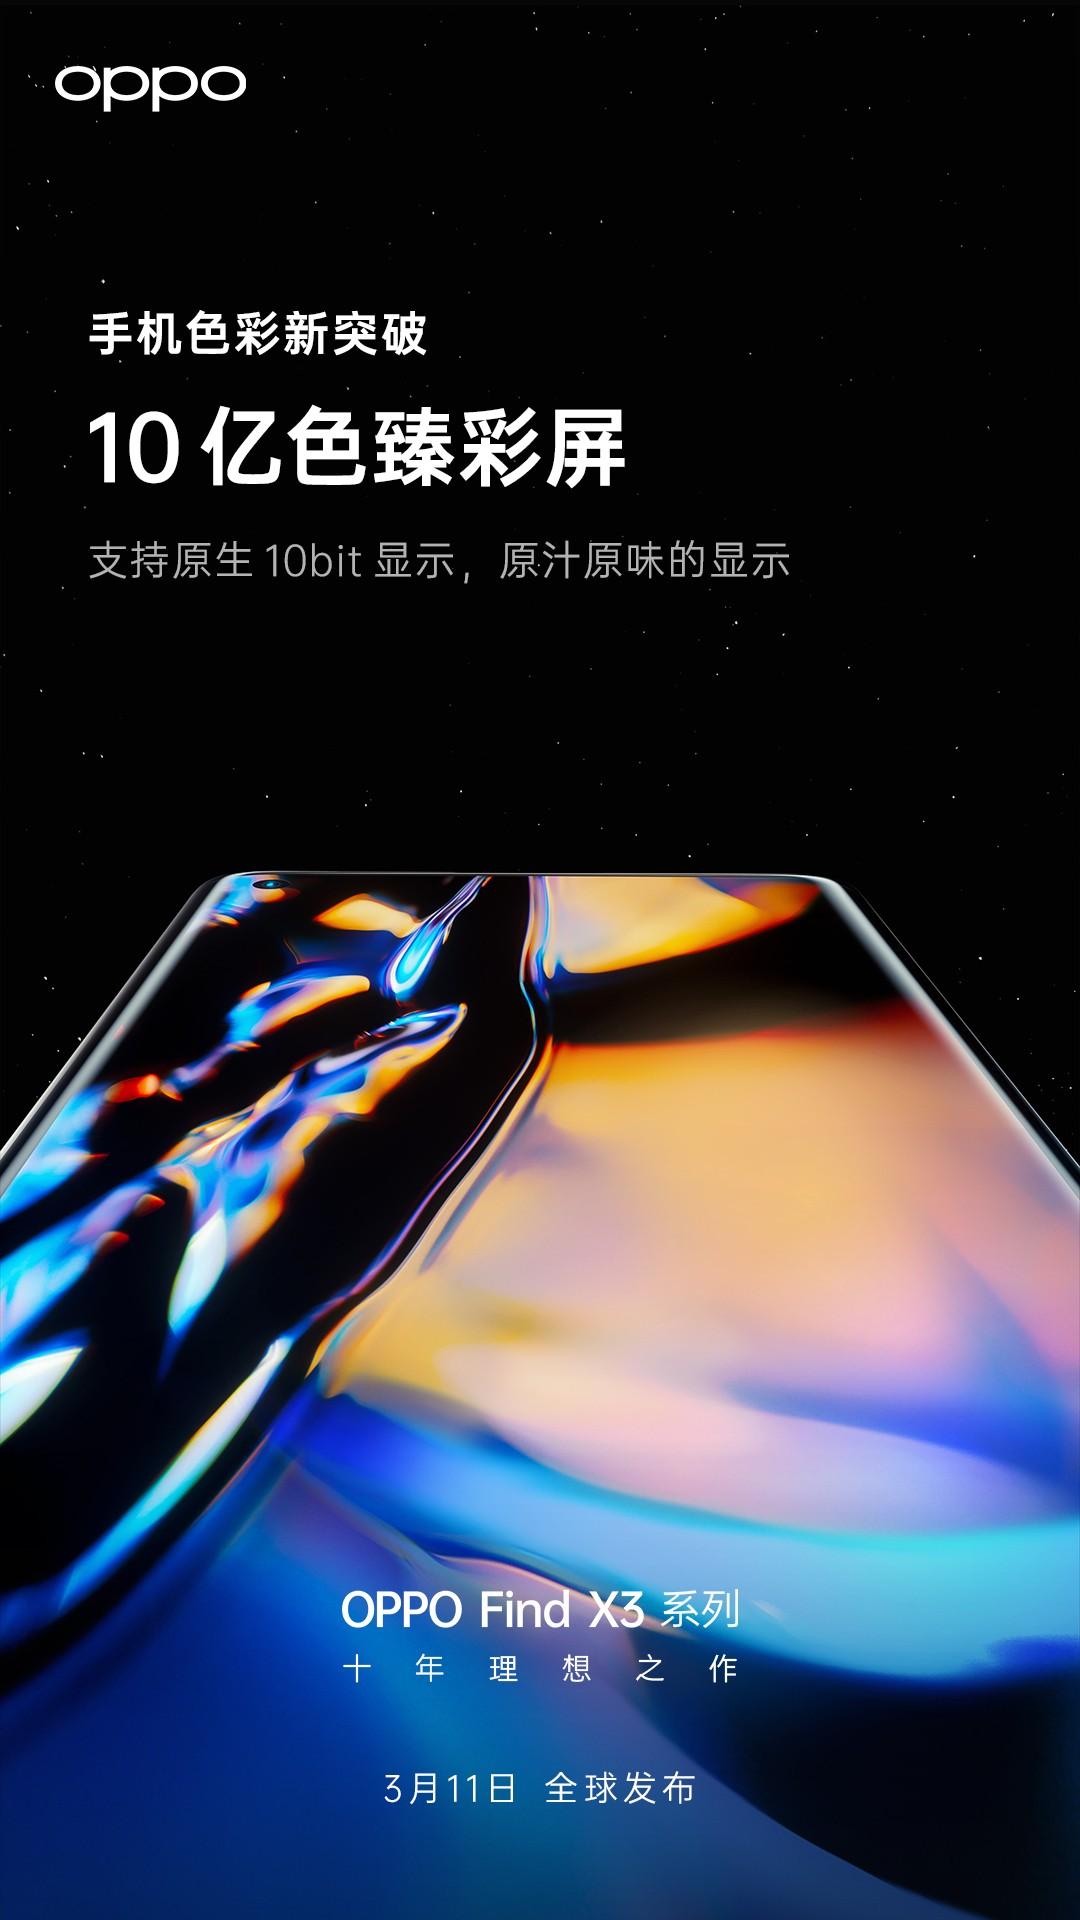 原生支持10bit显示 OPPO Find X3系列搭载10亿色臻彩屏